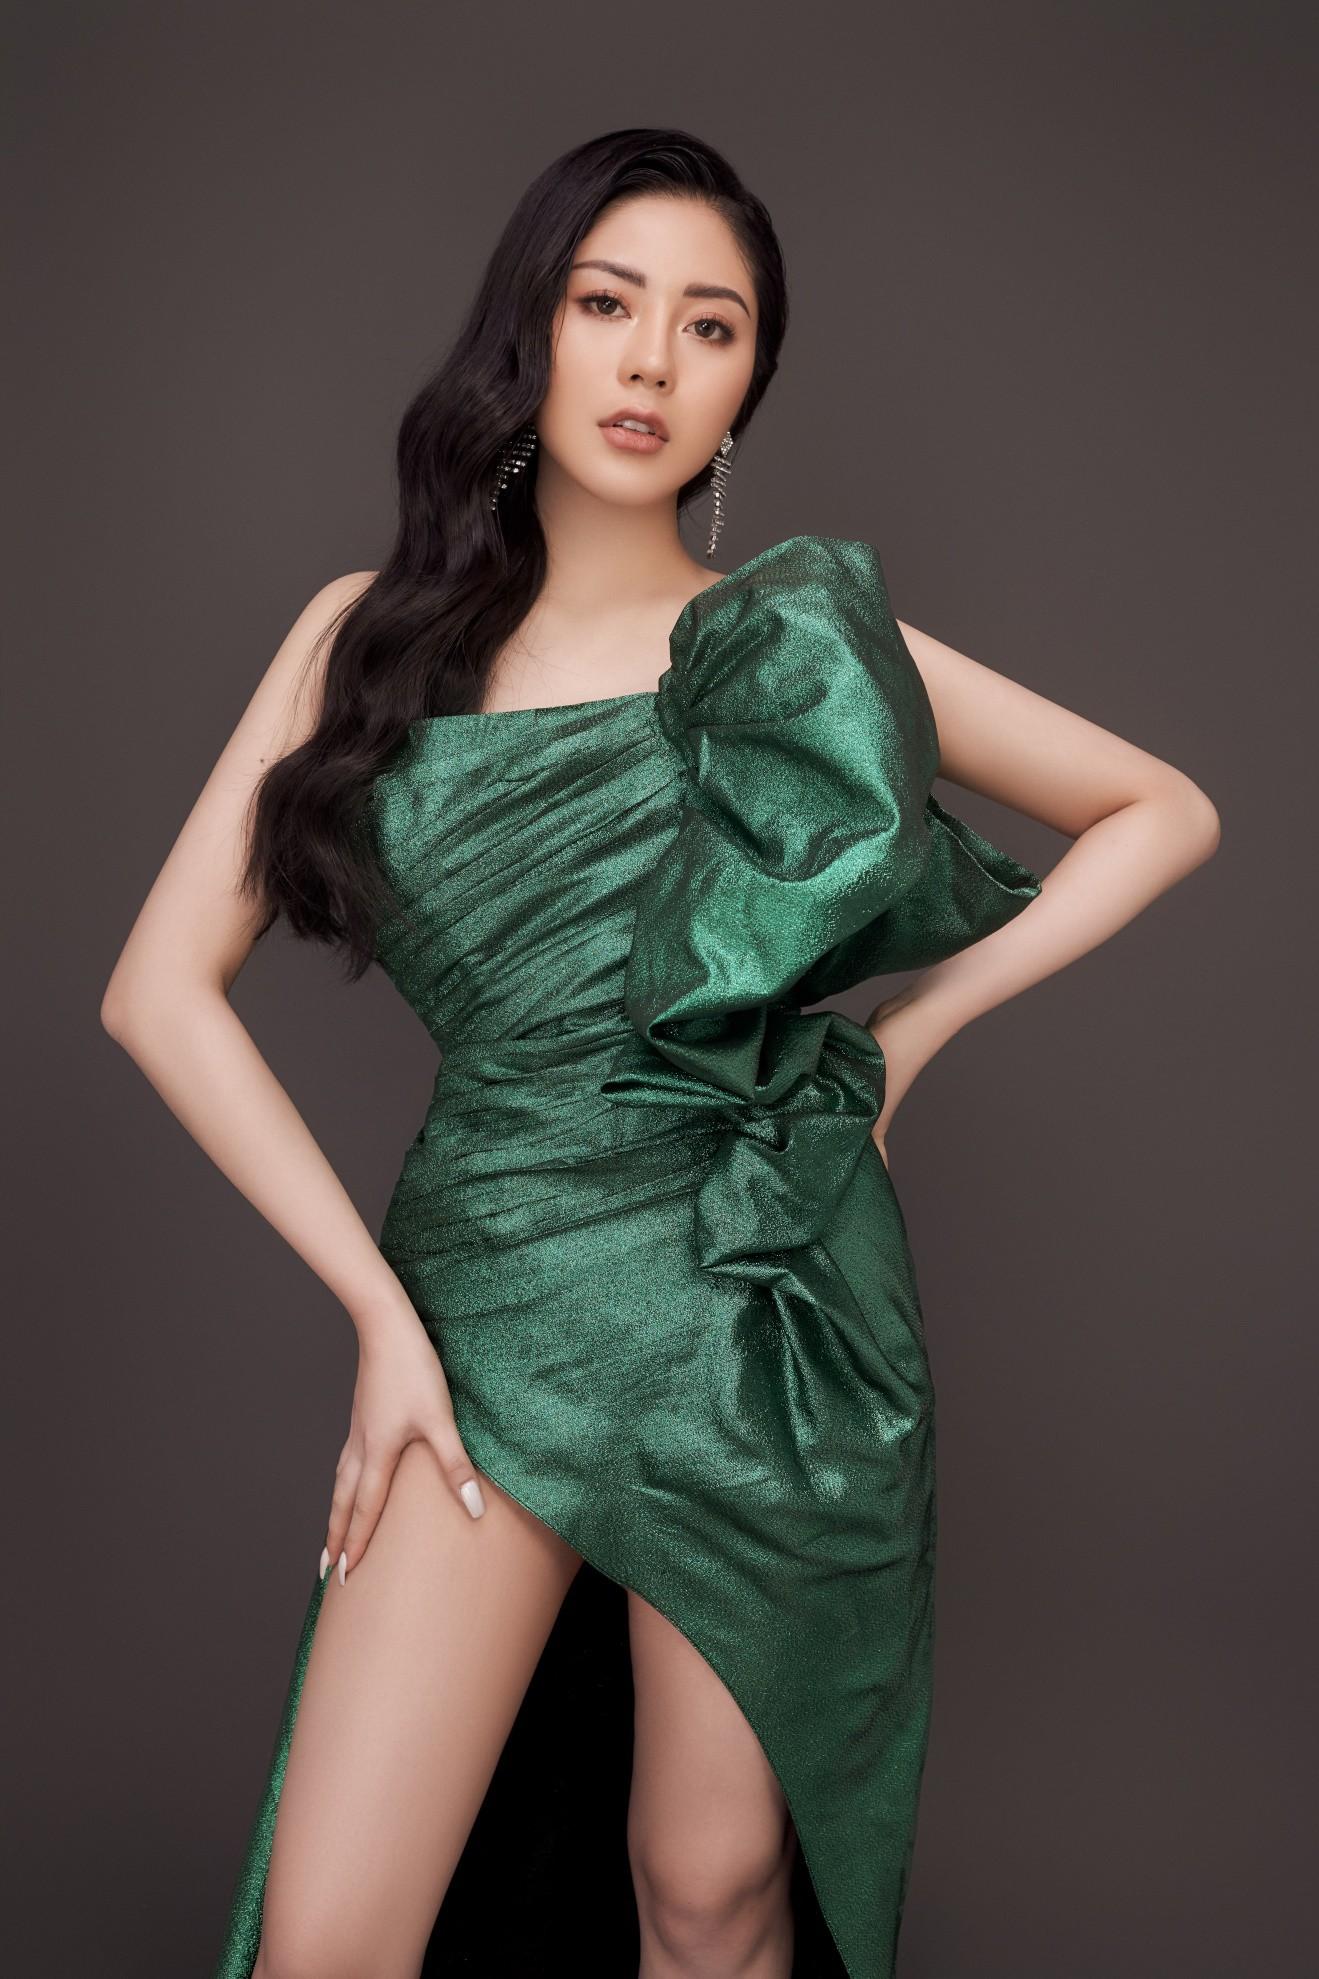 Người đẹp Tô Diệp Hà khoe vẻ gợi cảm sau 1 năm đăng quang - Ảnh 3.